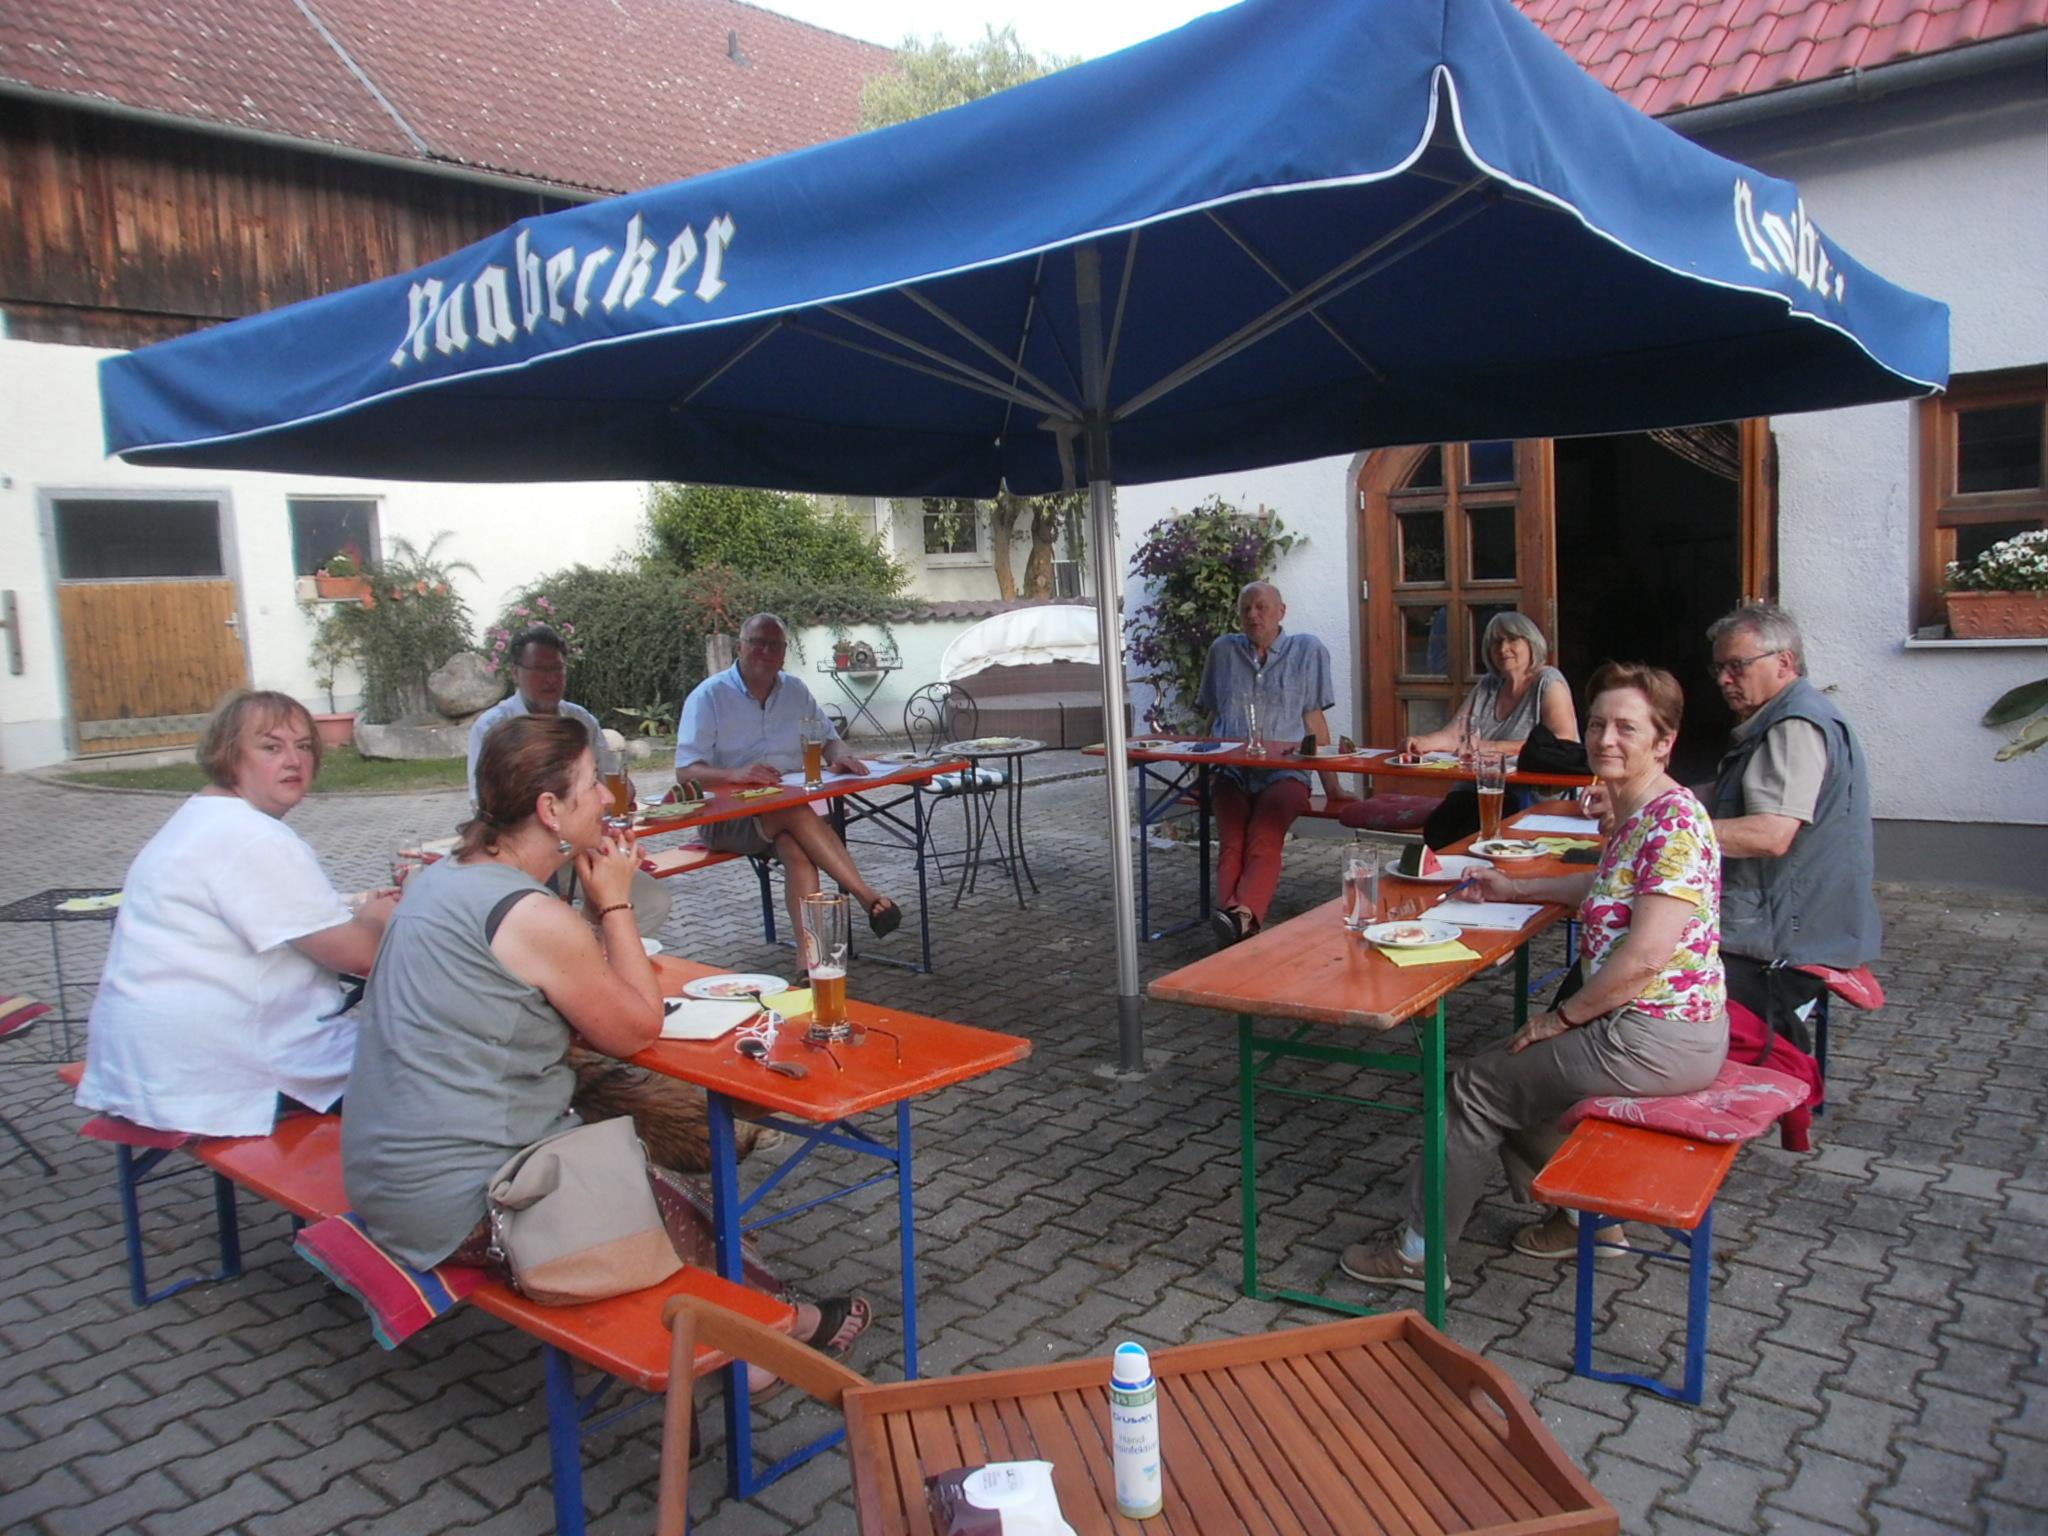 """""""Auf Distanz"""" gingen die Vorstandschaftsmitglieder des KVU bei ihren Zusammenkünften im Gasthaus Ettl - um die Corona-Abstandsregel einzuhalten... Foto: Georg Ettl"""